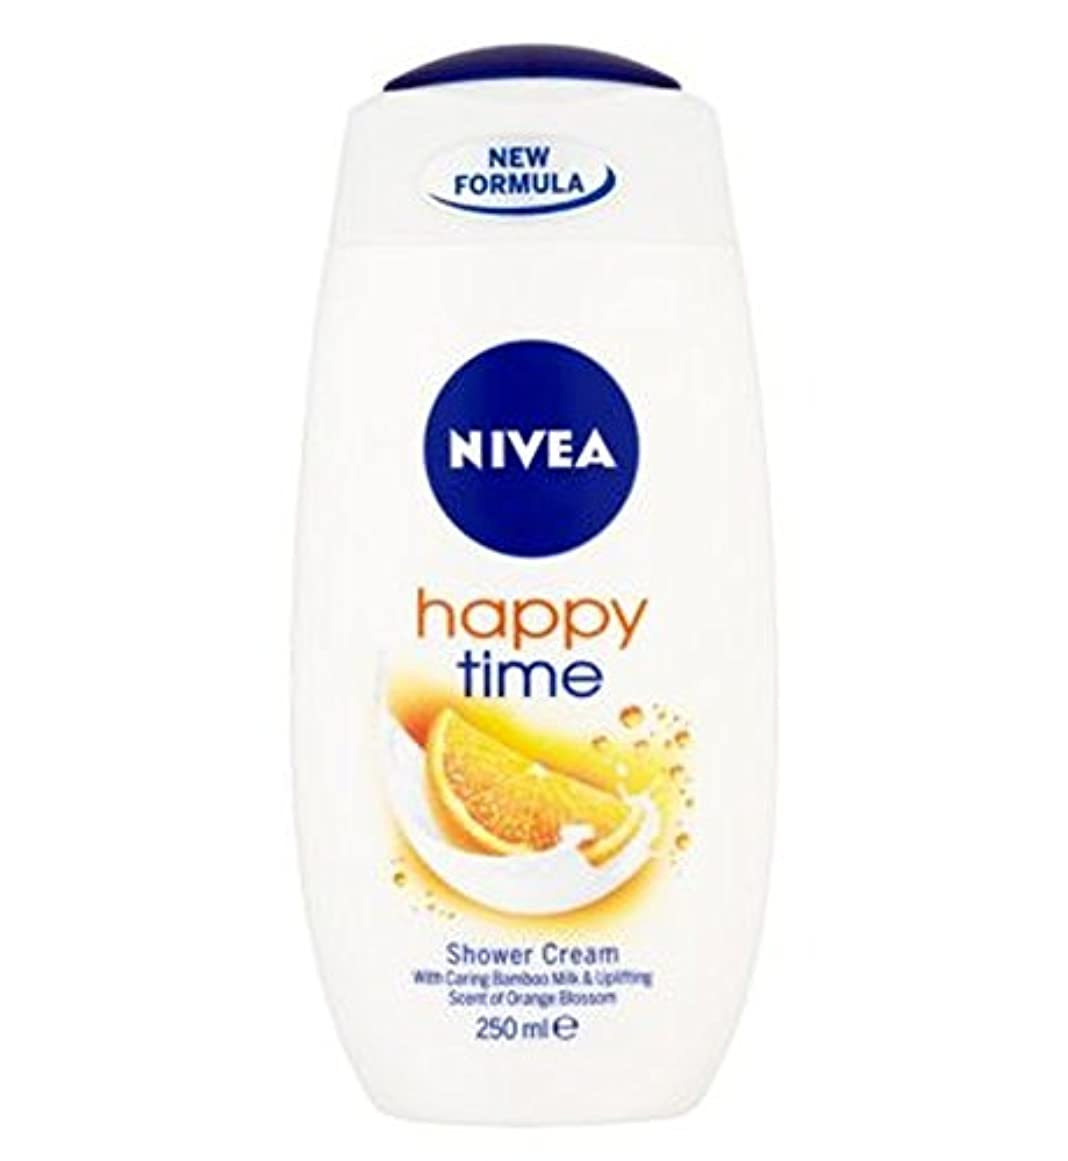 政治家アイデア無駄なニベア幸せな時間シャワークリーム250ミリリットル (Nivea) (x2) - NIVEA Happy Time Shower Cream 250ml (Pack of 2) [並行輸入品]